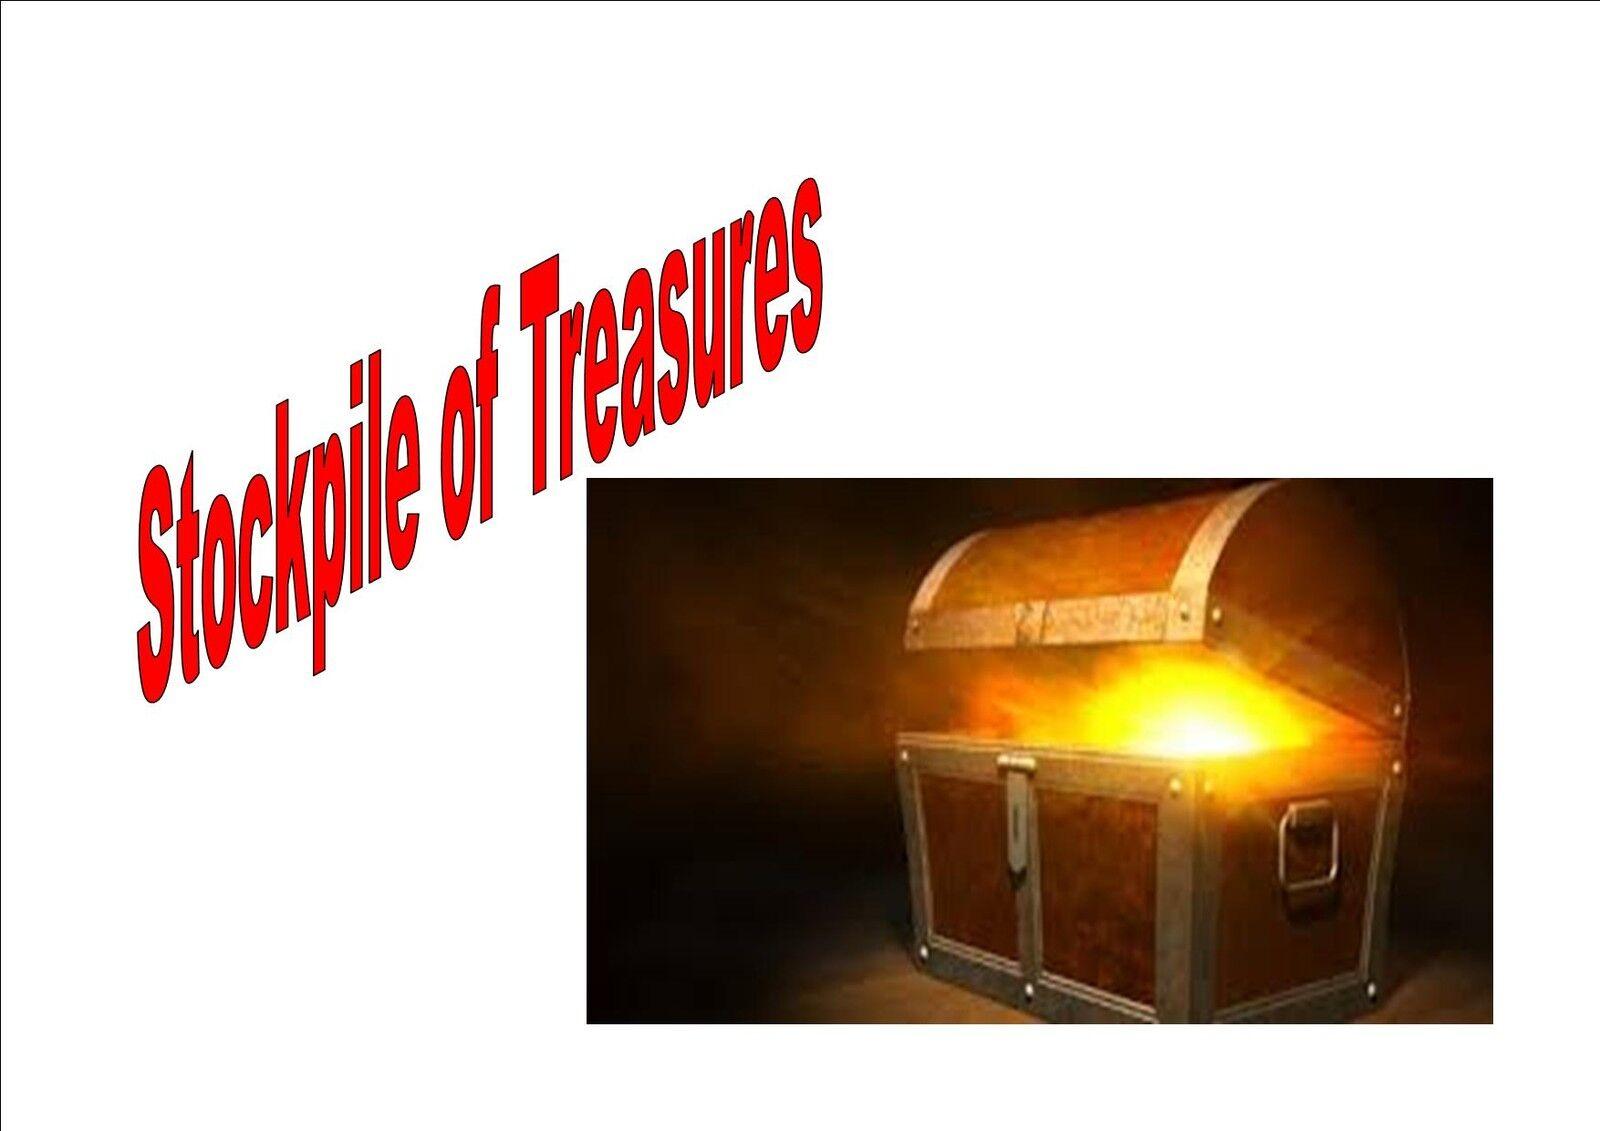 Stockpile-of-Treasures